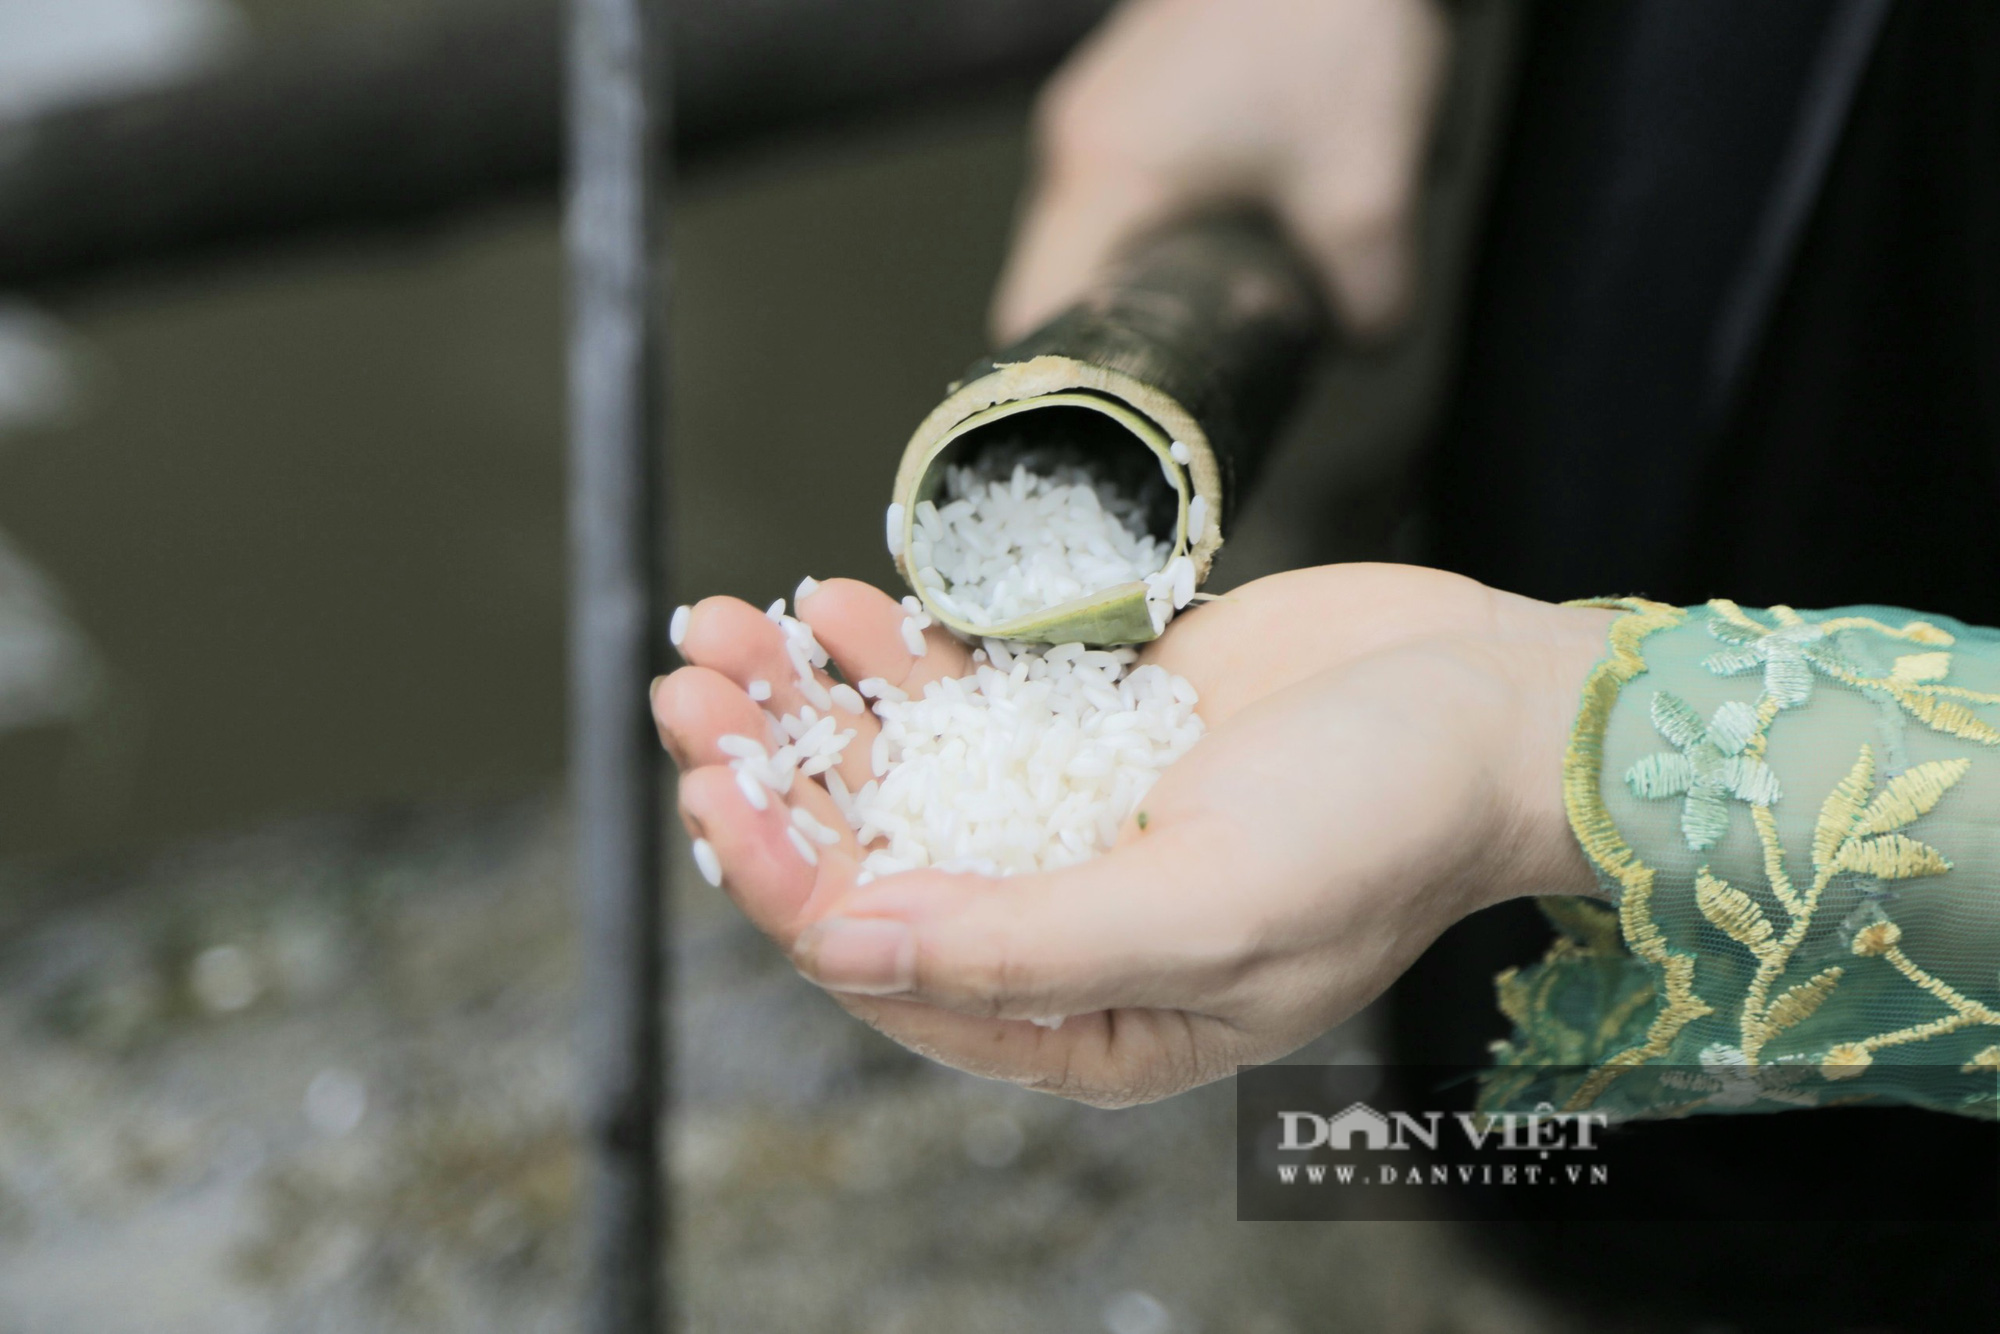 Đến Pù Luông thưởng thức món cơm lam truyền thống dân tộc Thái nơi đây - Ảnh 5.